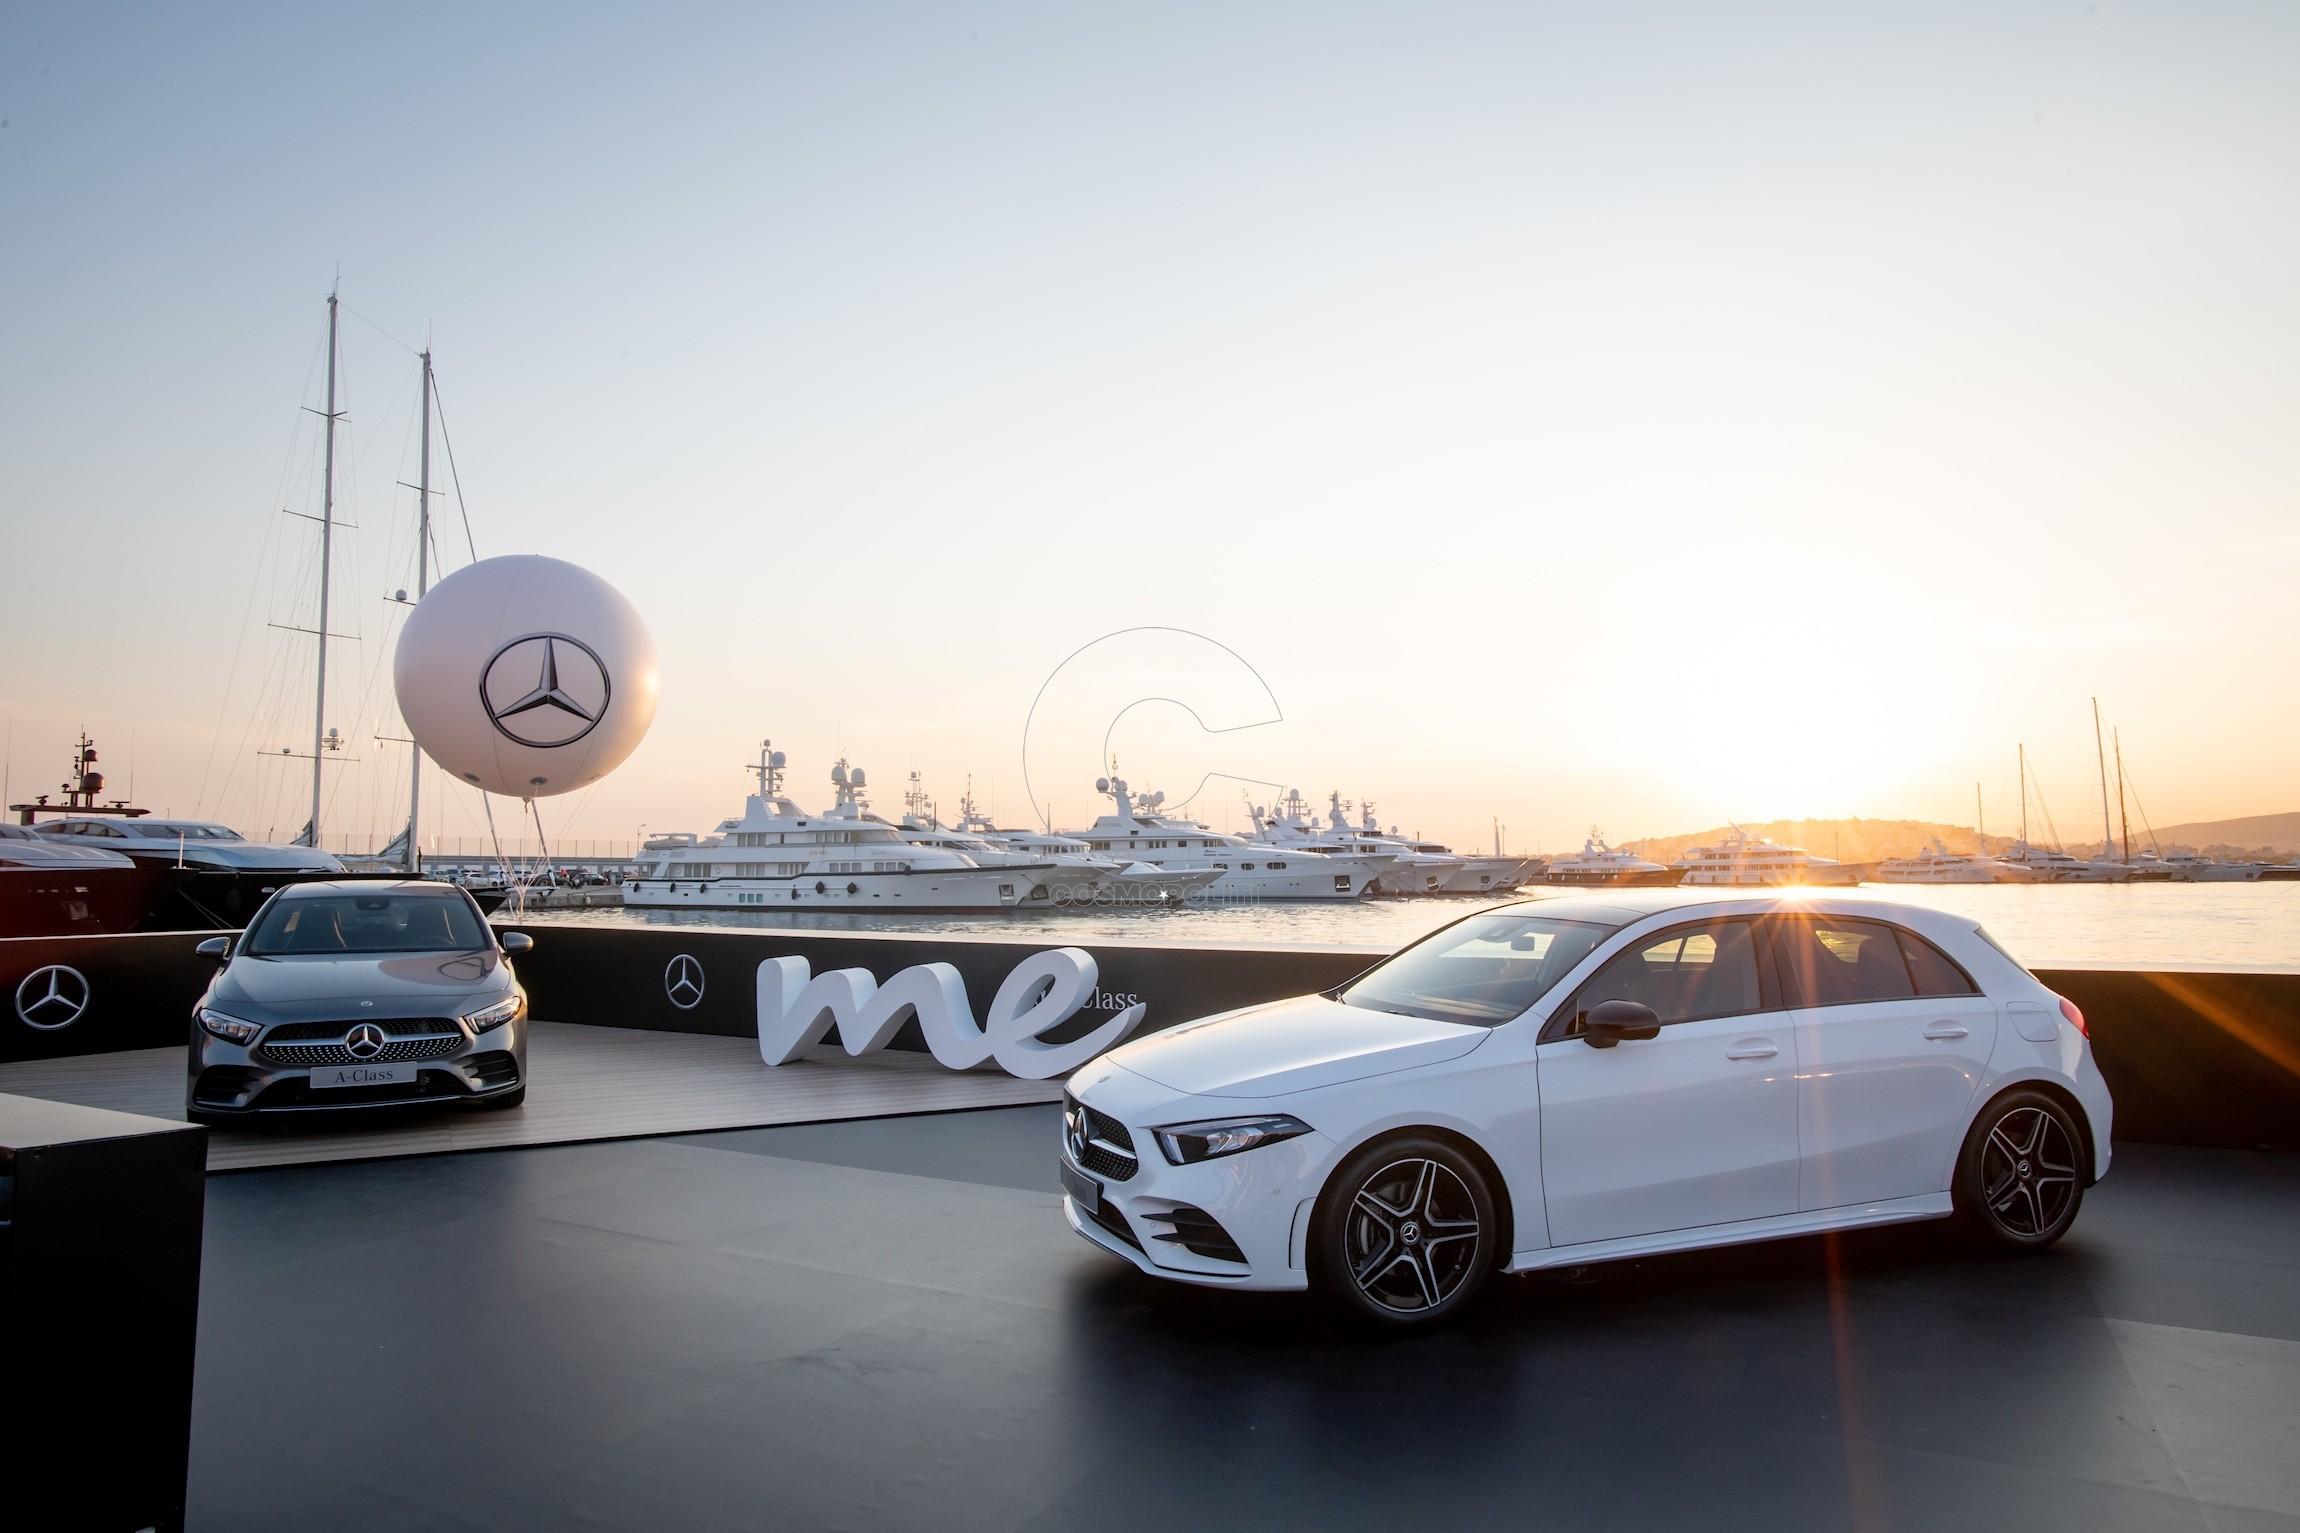 Mercedes-Benz A-Class Launch Event (1)